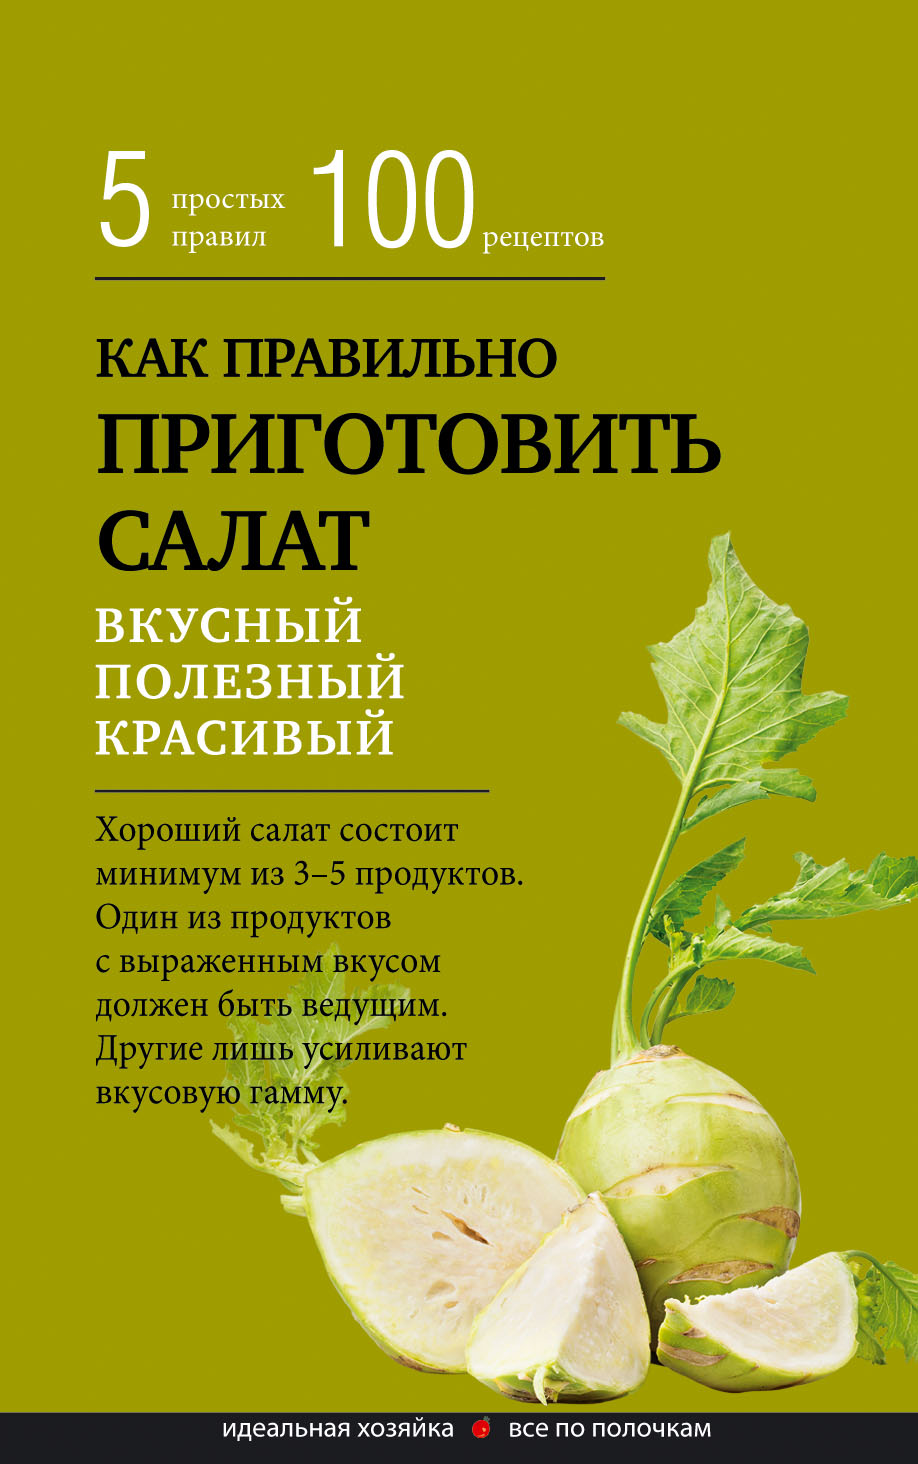 Сборник рецептов Как правильно приготовить салат. Пять простых правил и 100 рецептов плотникова т такие вкусные салаты…